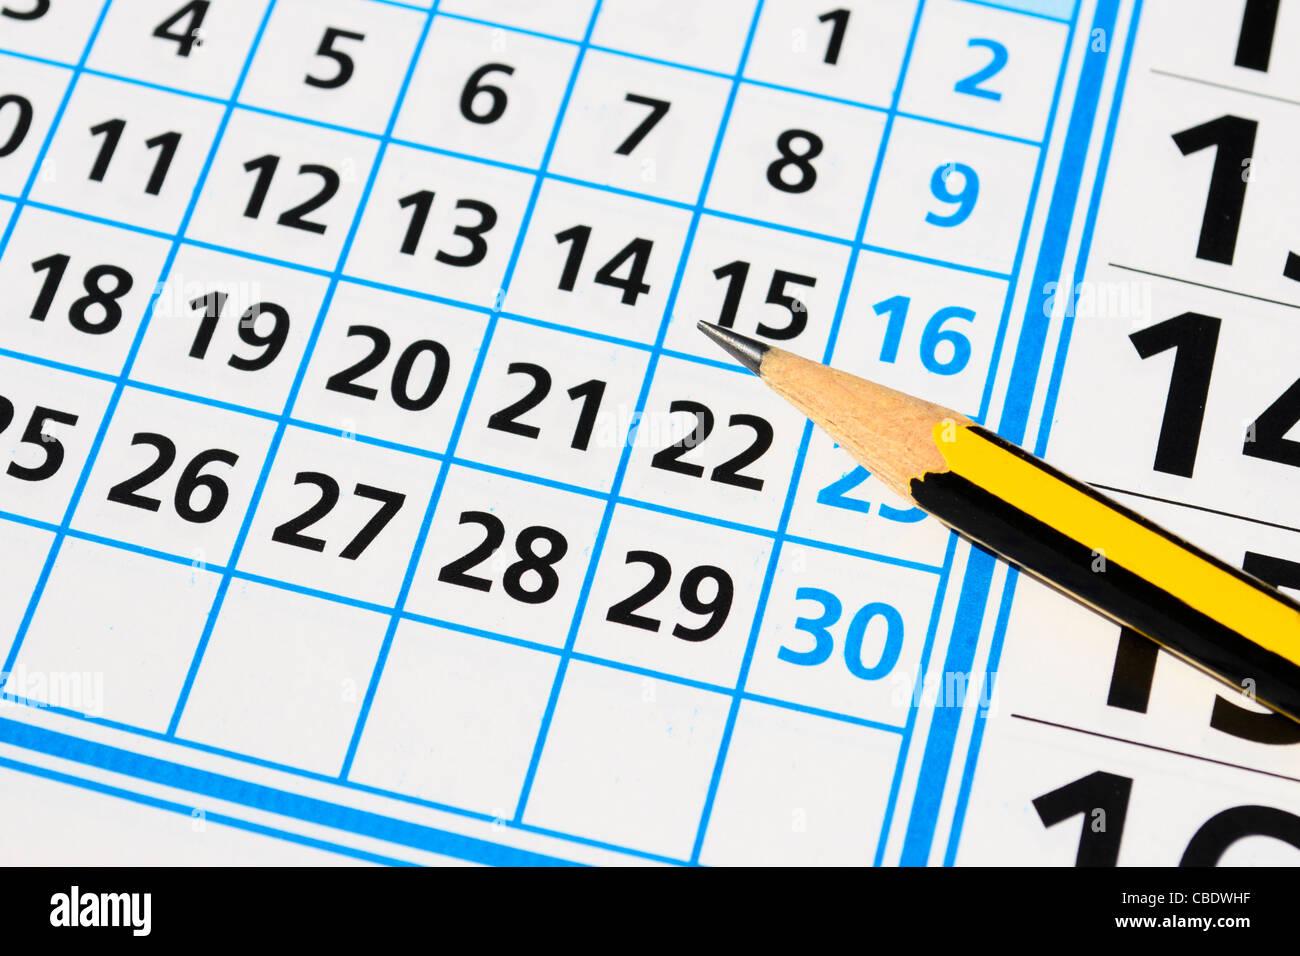 bi-color pencil on a calendar - Stock Image